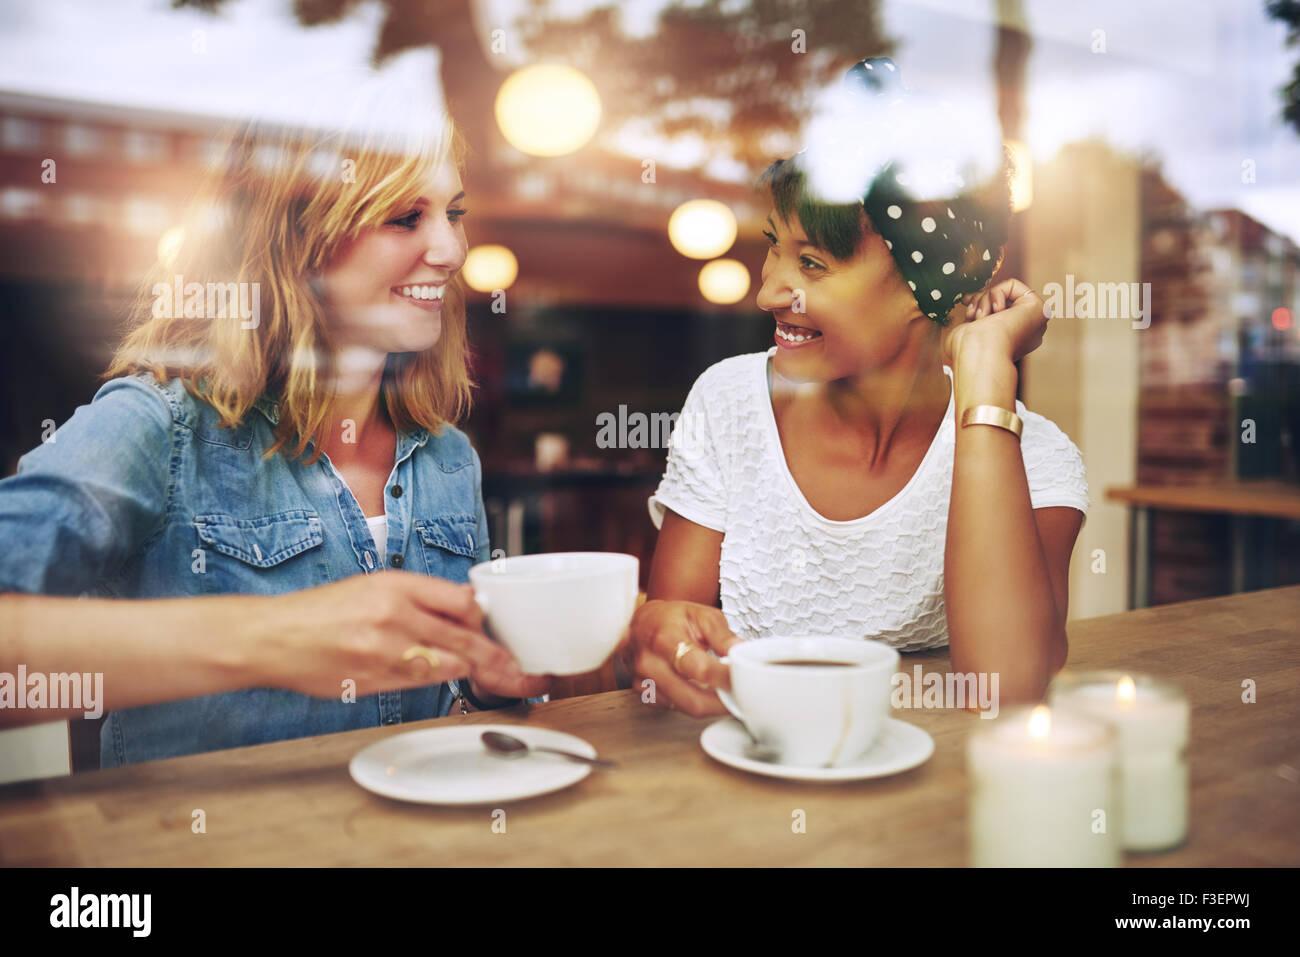 Deux multi ethnic friends enjoying coffee ensemble dans un café vue à travers le verre avec des réflexions, Photo Stock